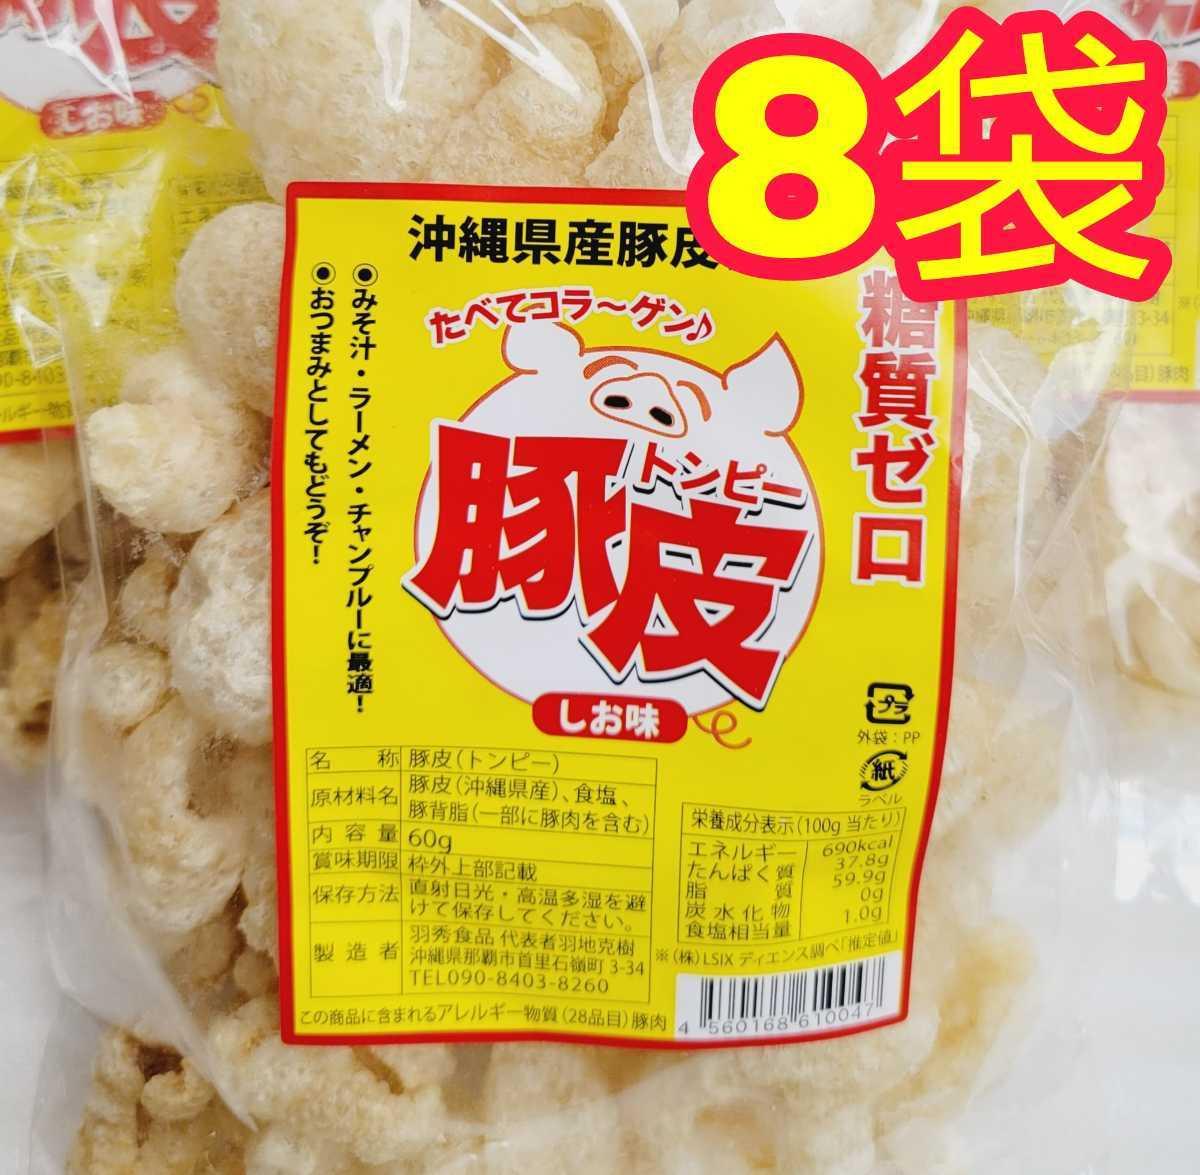 おつまみ、おやつに 沖縄 豚皮(あんだかしー) 8袋 セット  * お菓子 詰め合わせ トンピー しお味_画像1